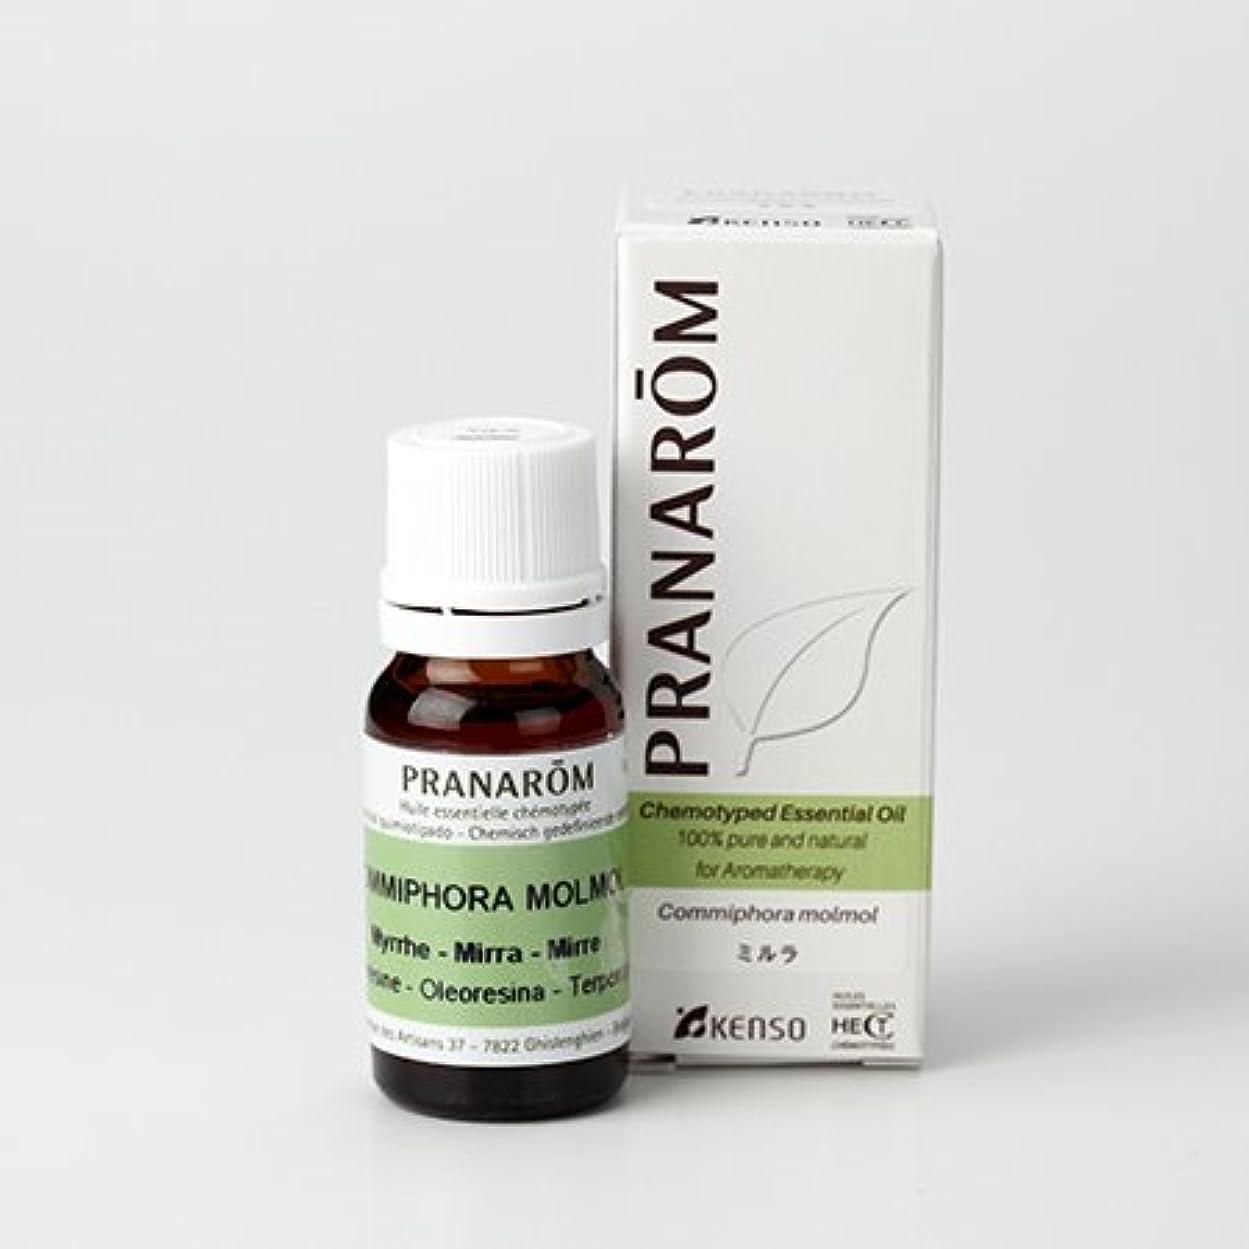 ラメ写真撮影スペード【ミルラ 10ml】→ムスクに似た深い香り?(樹脂系)[PRANAROM(プラナロム)精油/アロマオイル/エッセンシャルオイル]P-48